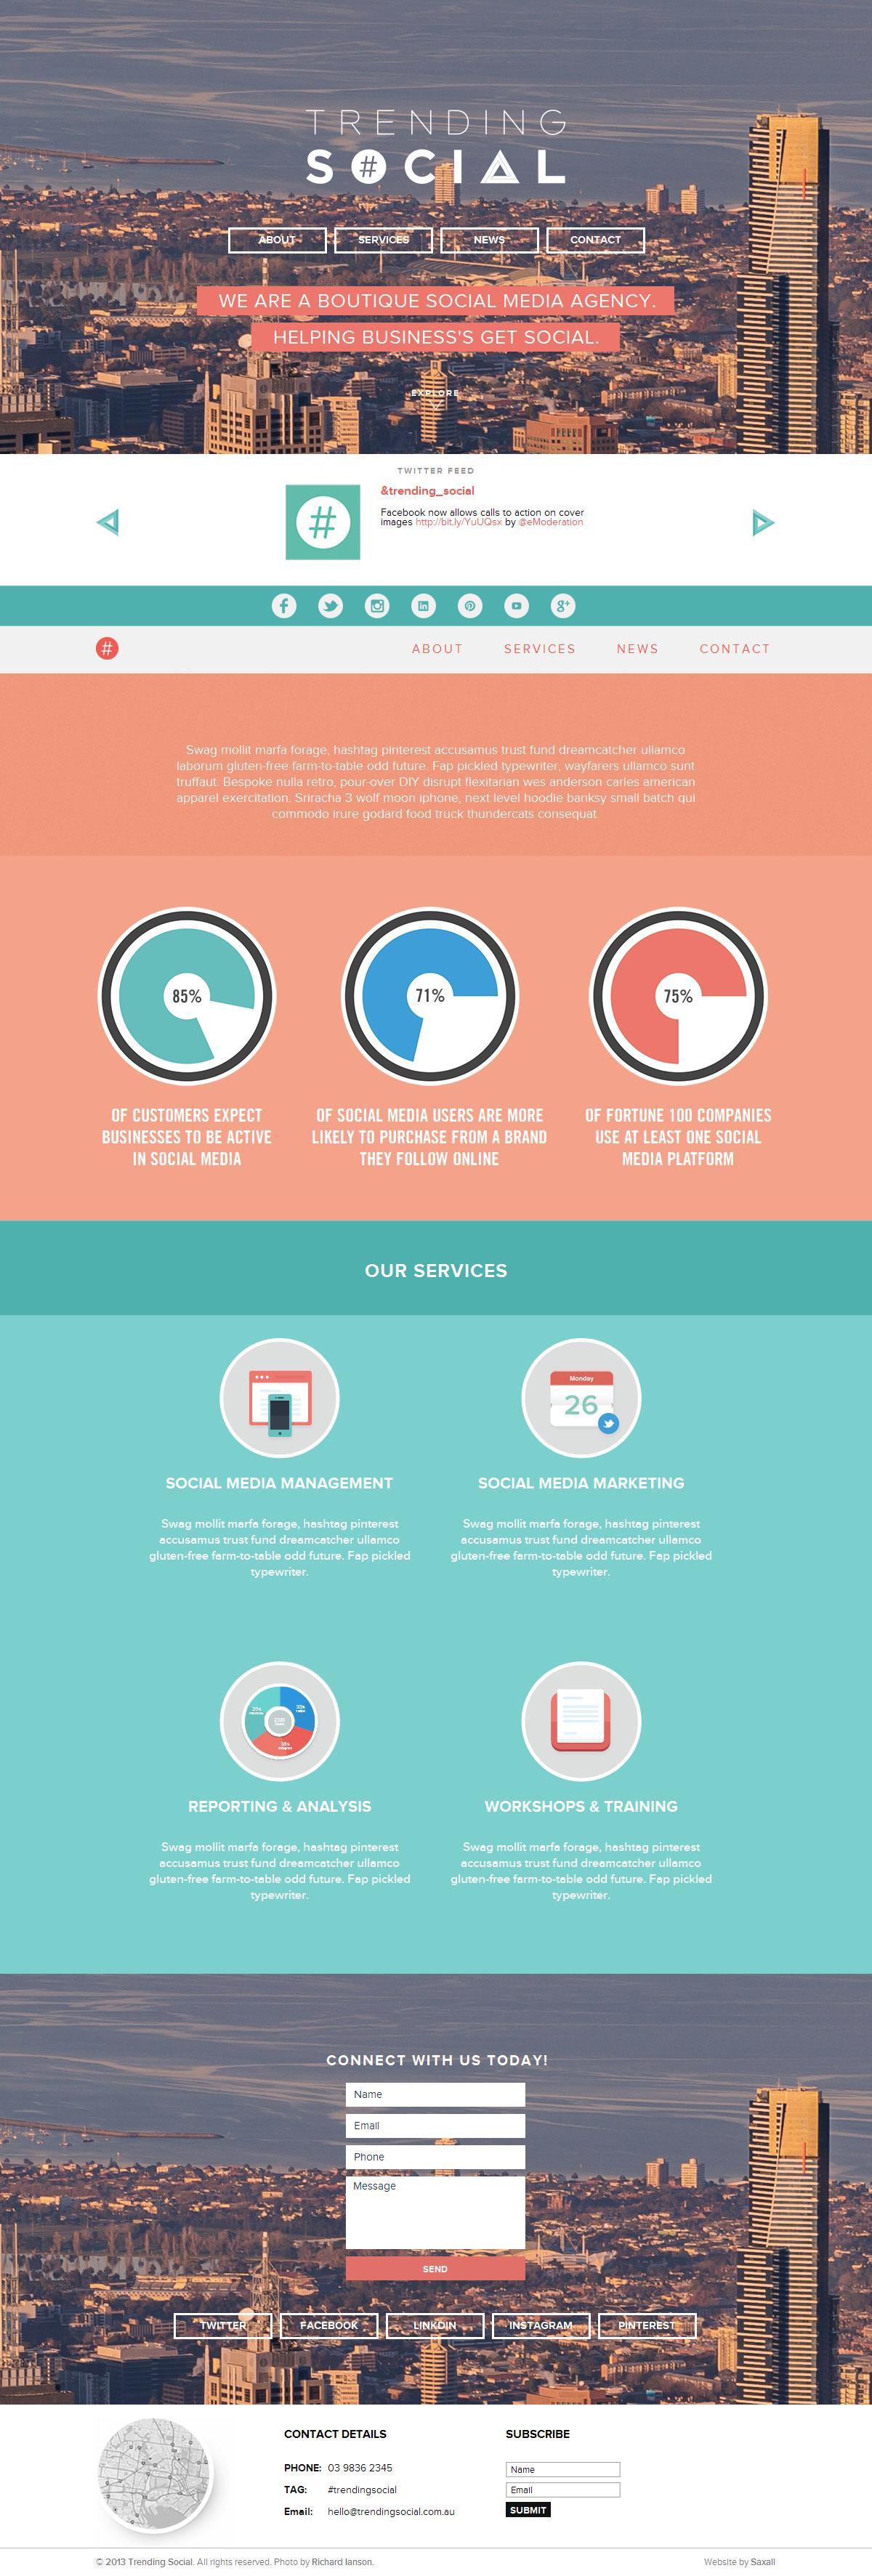 PSD to HTML - Trending Social